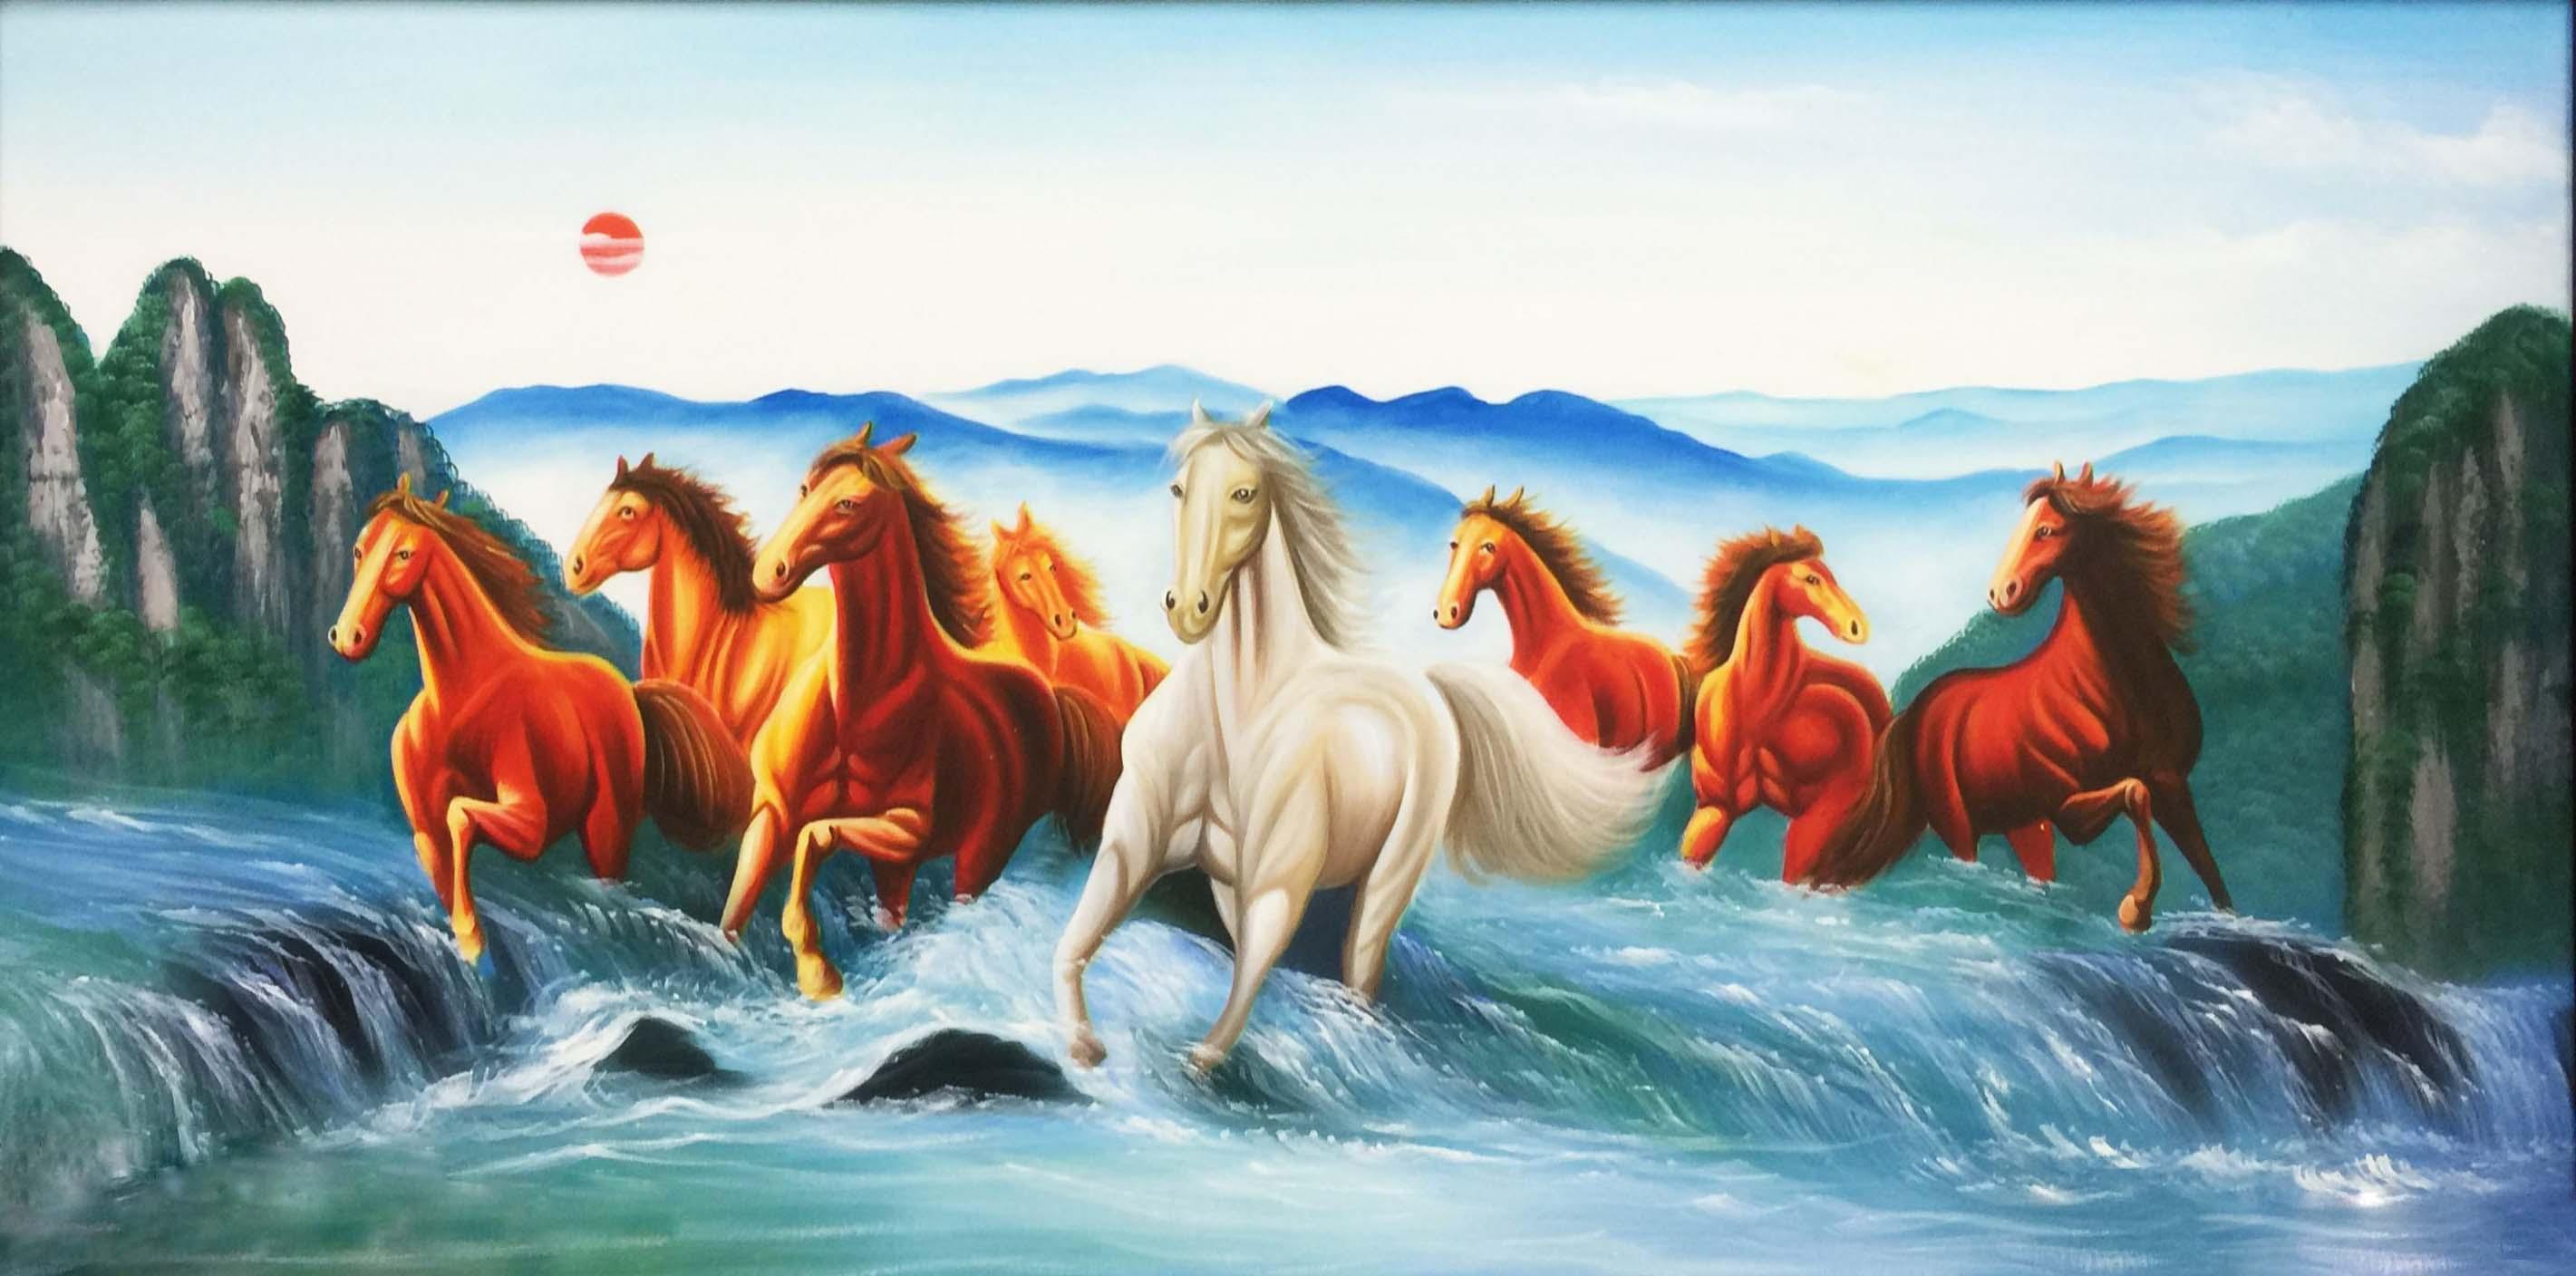 Tranh Ngựa Má Đáo Thành Công Chạy Trên Thác